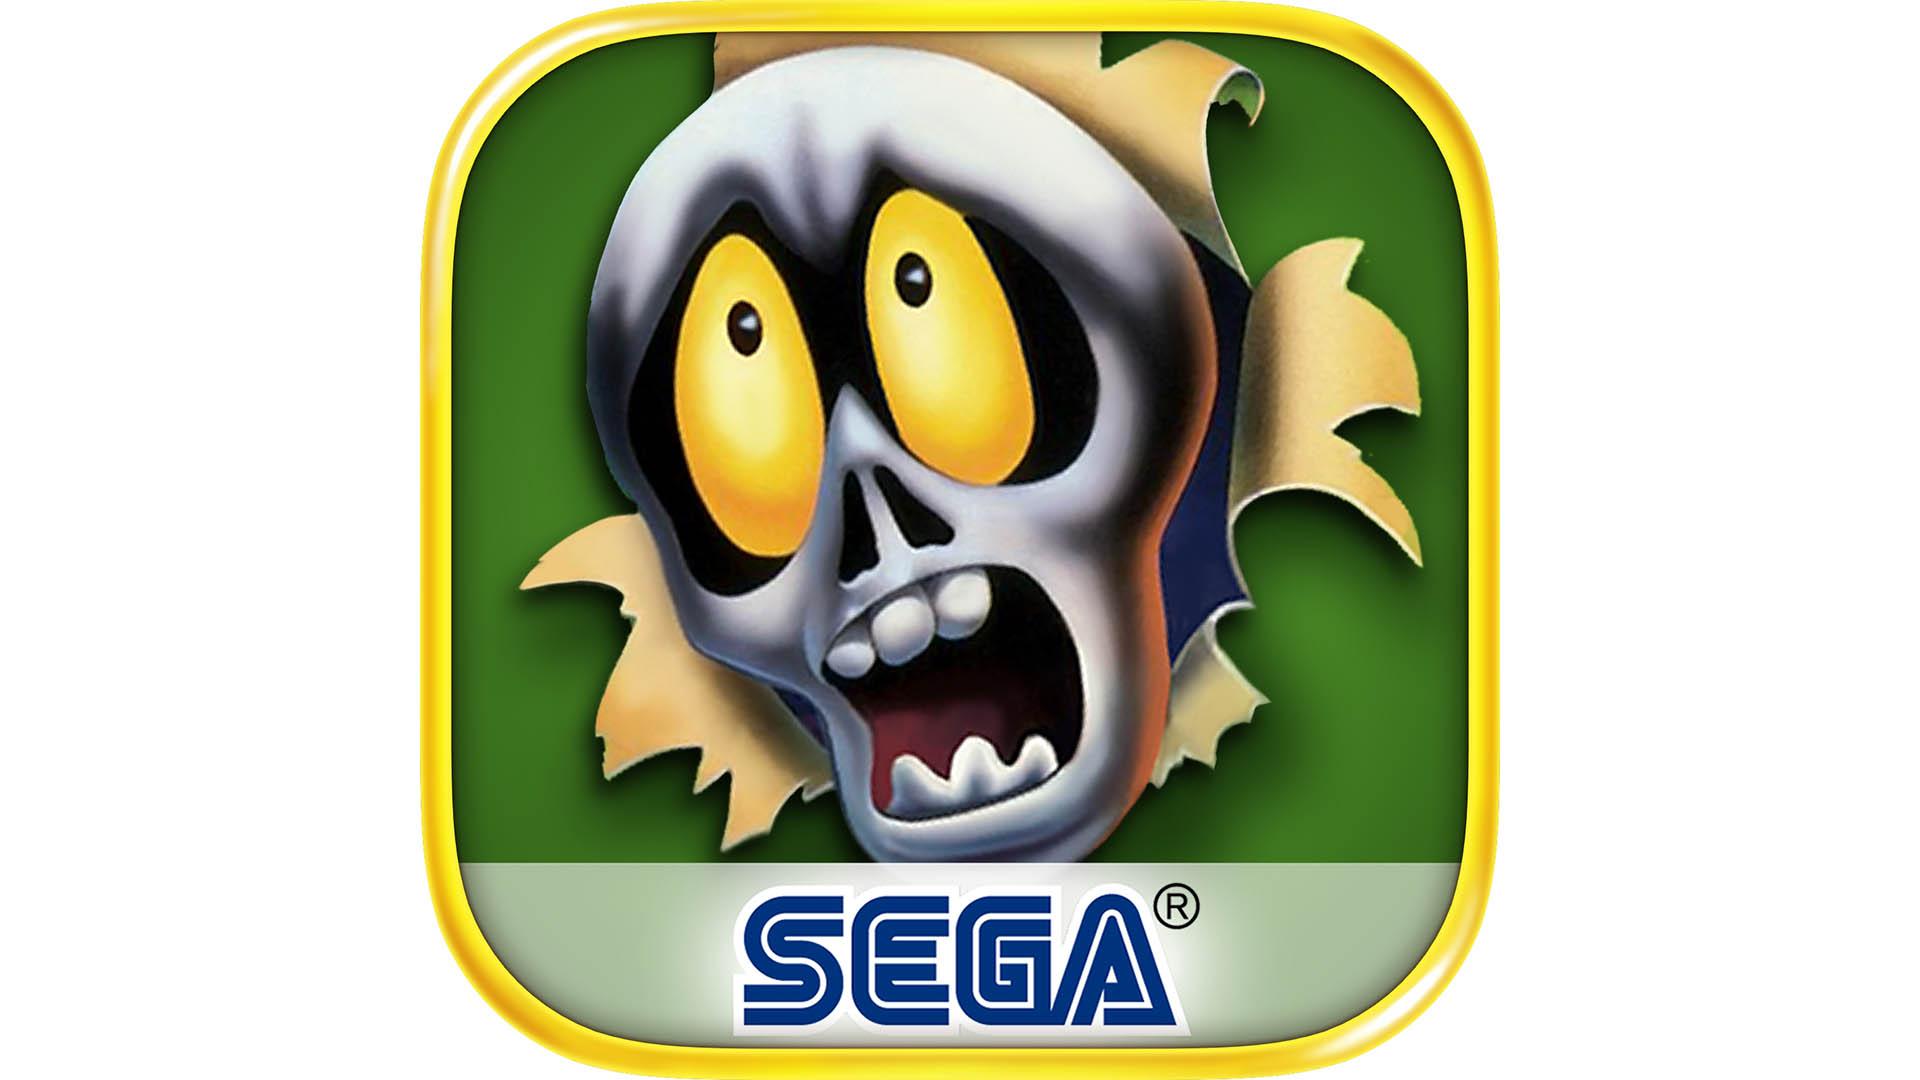 SEGA_Forever_-_Decap_Attack_-_Icon_1508754316